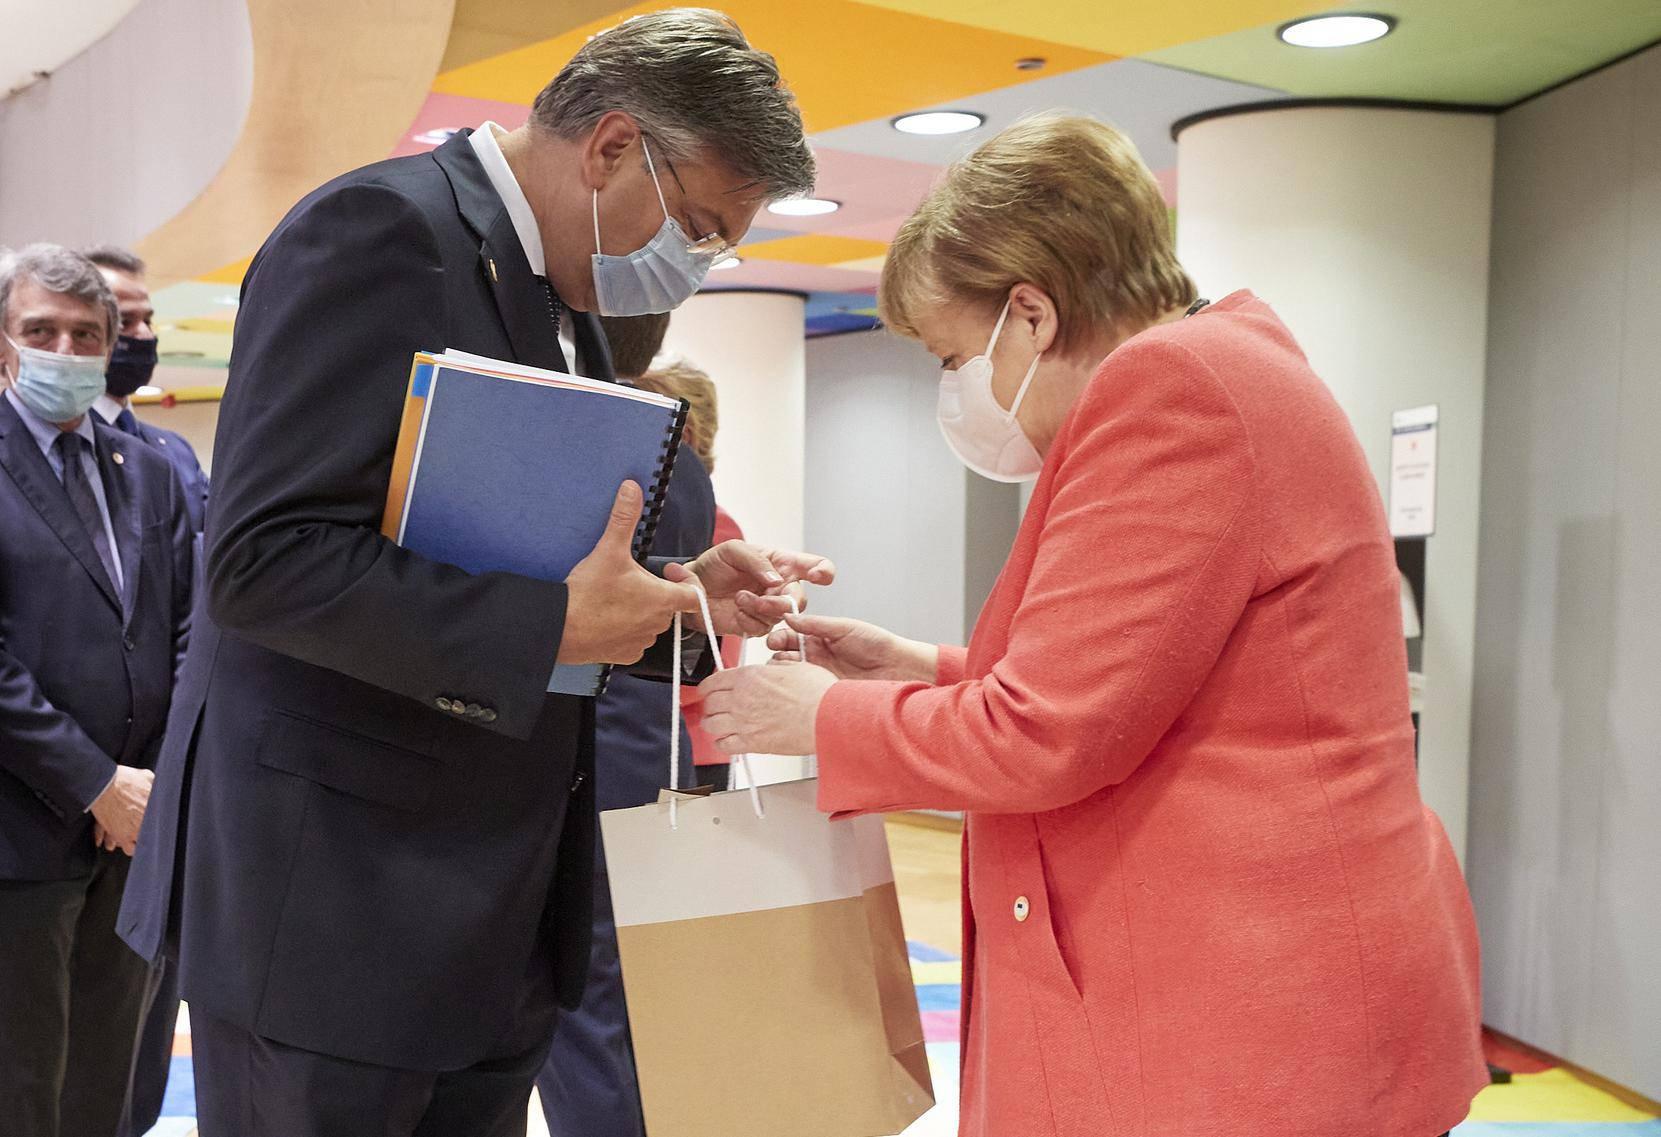 Vrećica puna darova za Merkel: Plenki joj za rođendan darovao penkalu, maramu i mužar